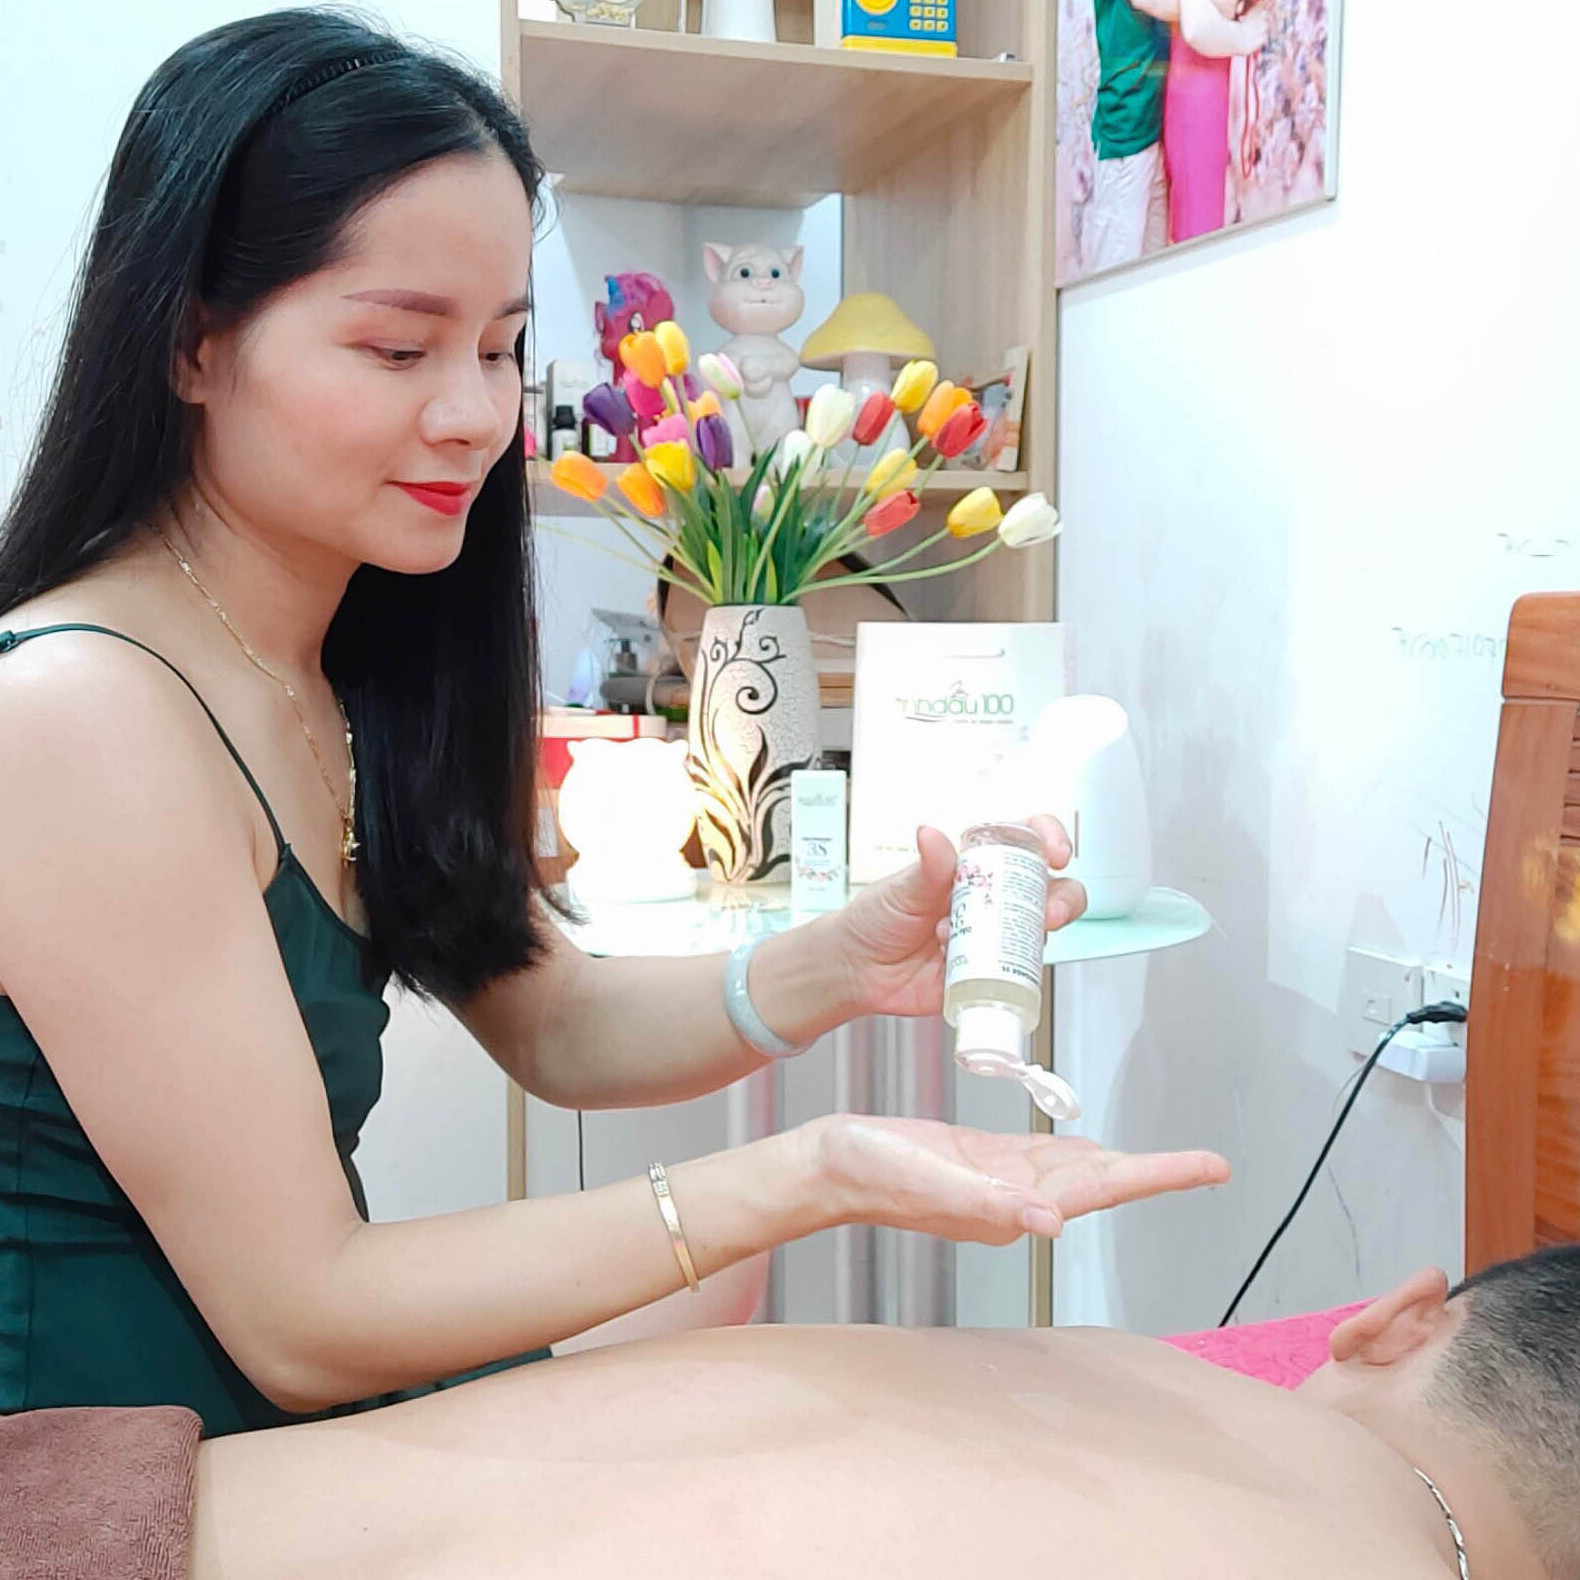 Dầu massage 3S.  Dành cho vợ chồng. Tặng thêm  video hướng dẫn Massage. Sử dụng ở gia đình hoặc mang đi du lịch rất tiện